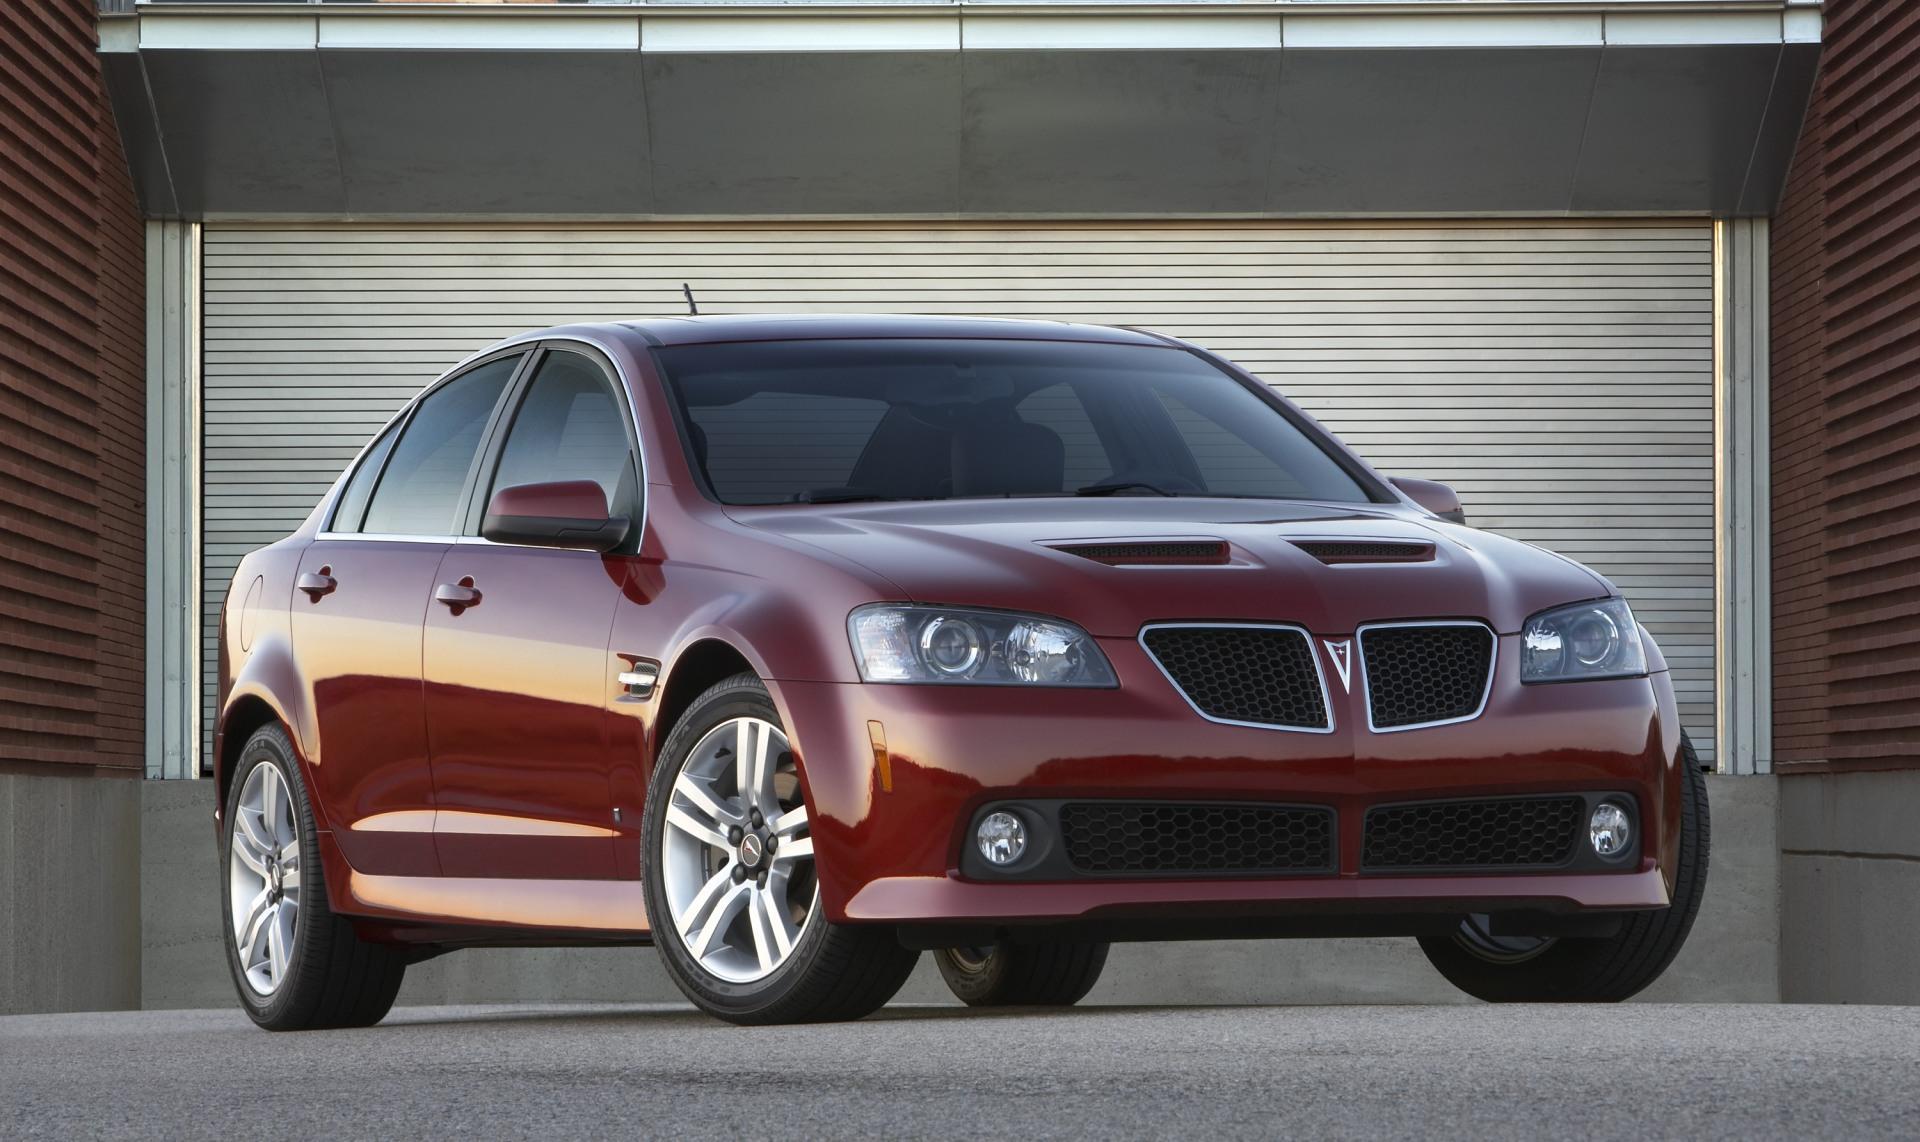 2009 Pontiac G8 News And Information Conceptcarzcom